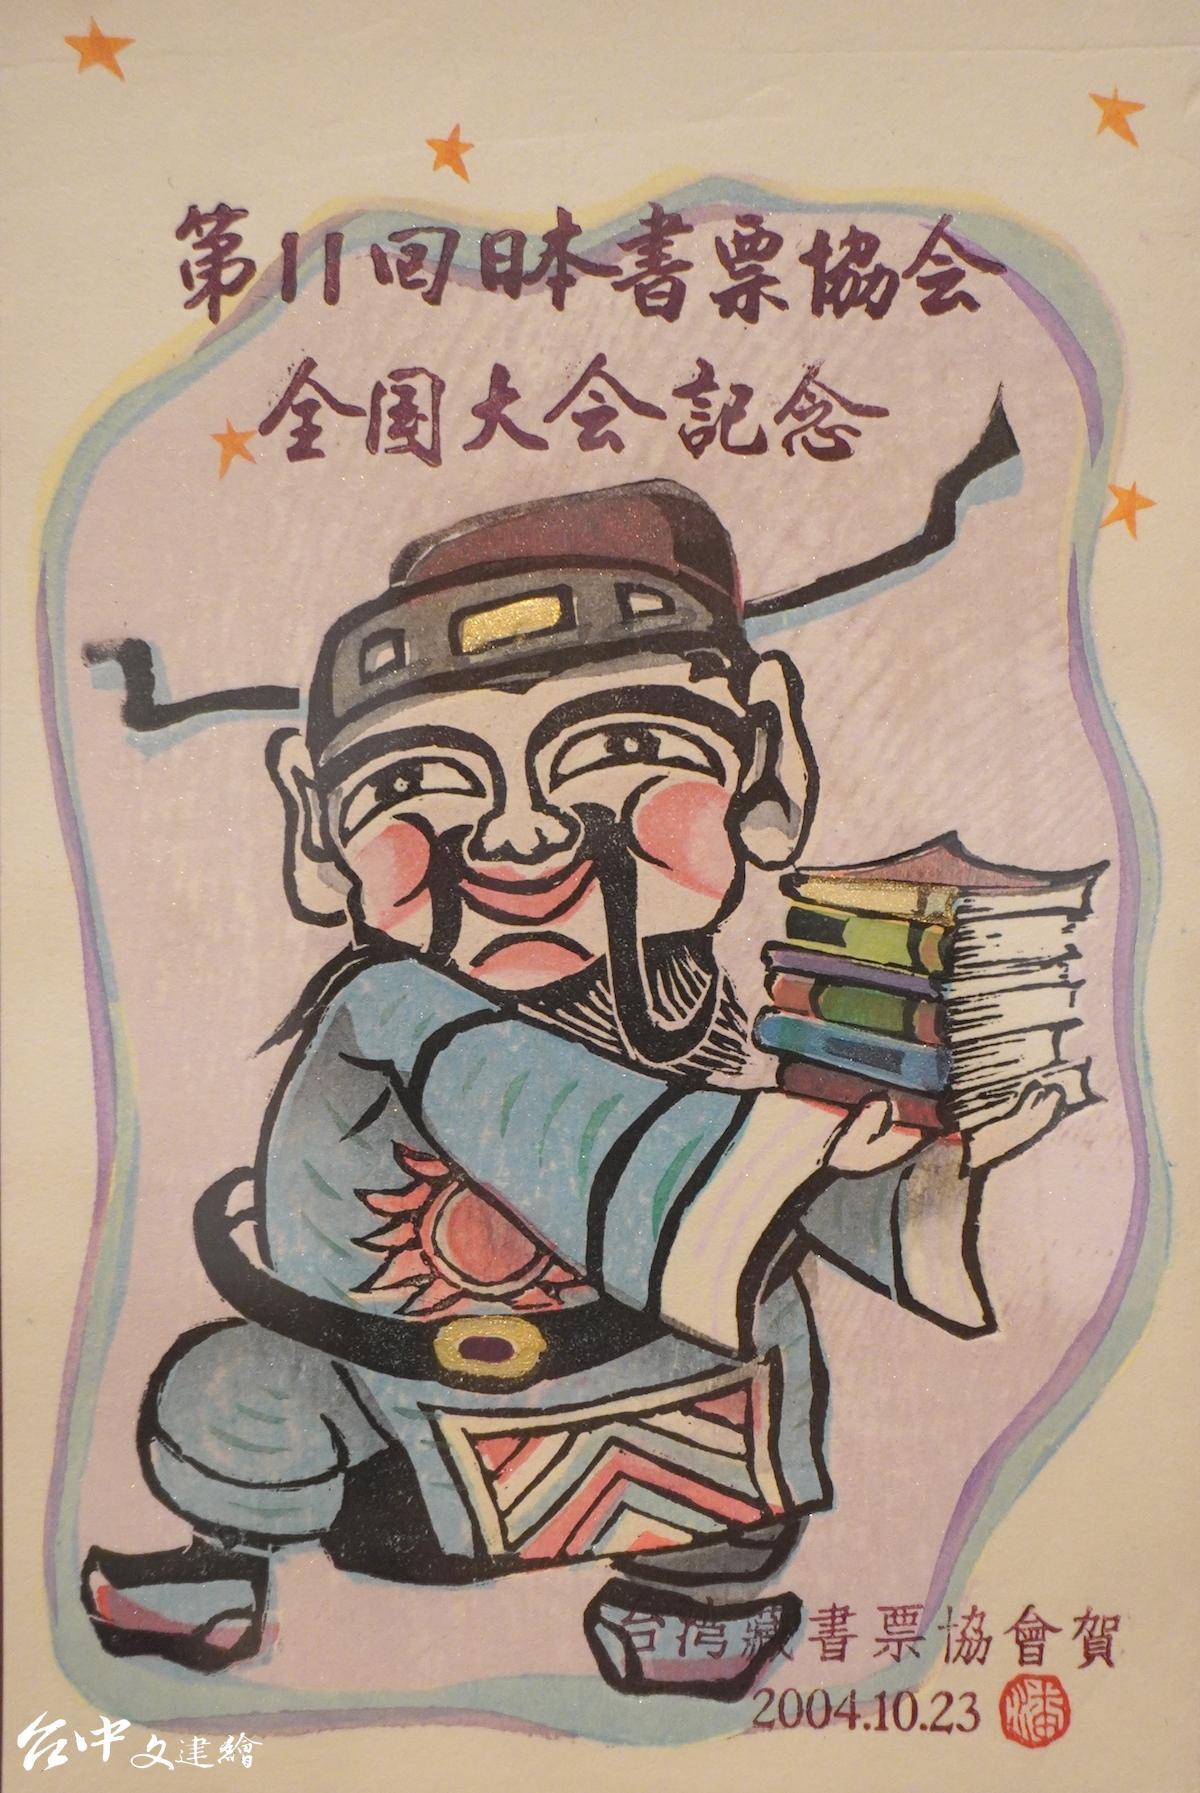 潘元石版畫作品之一。(攝影:謝平平)